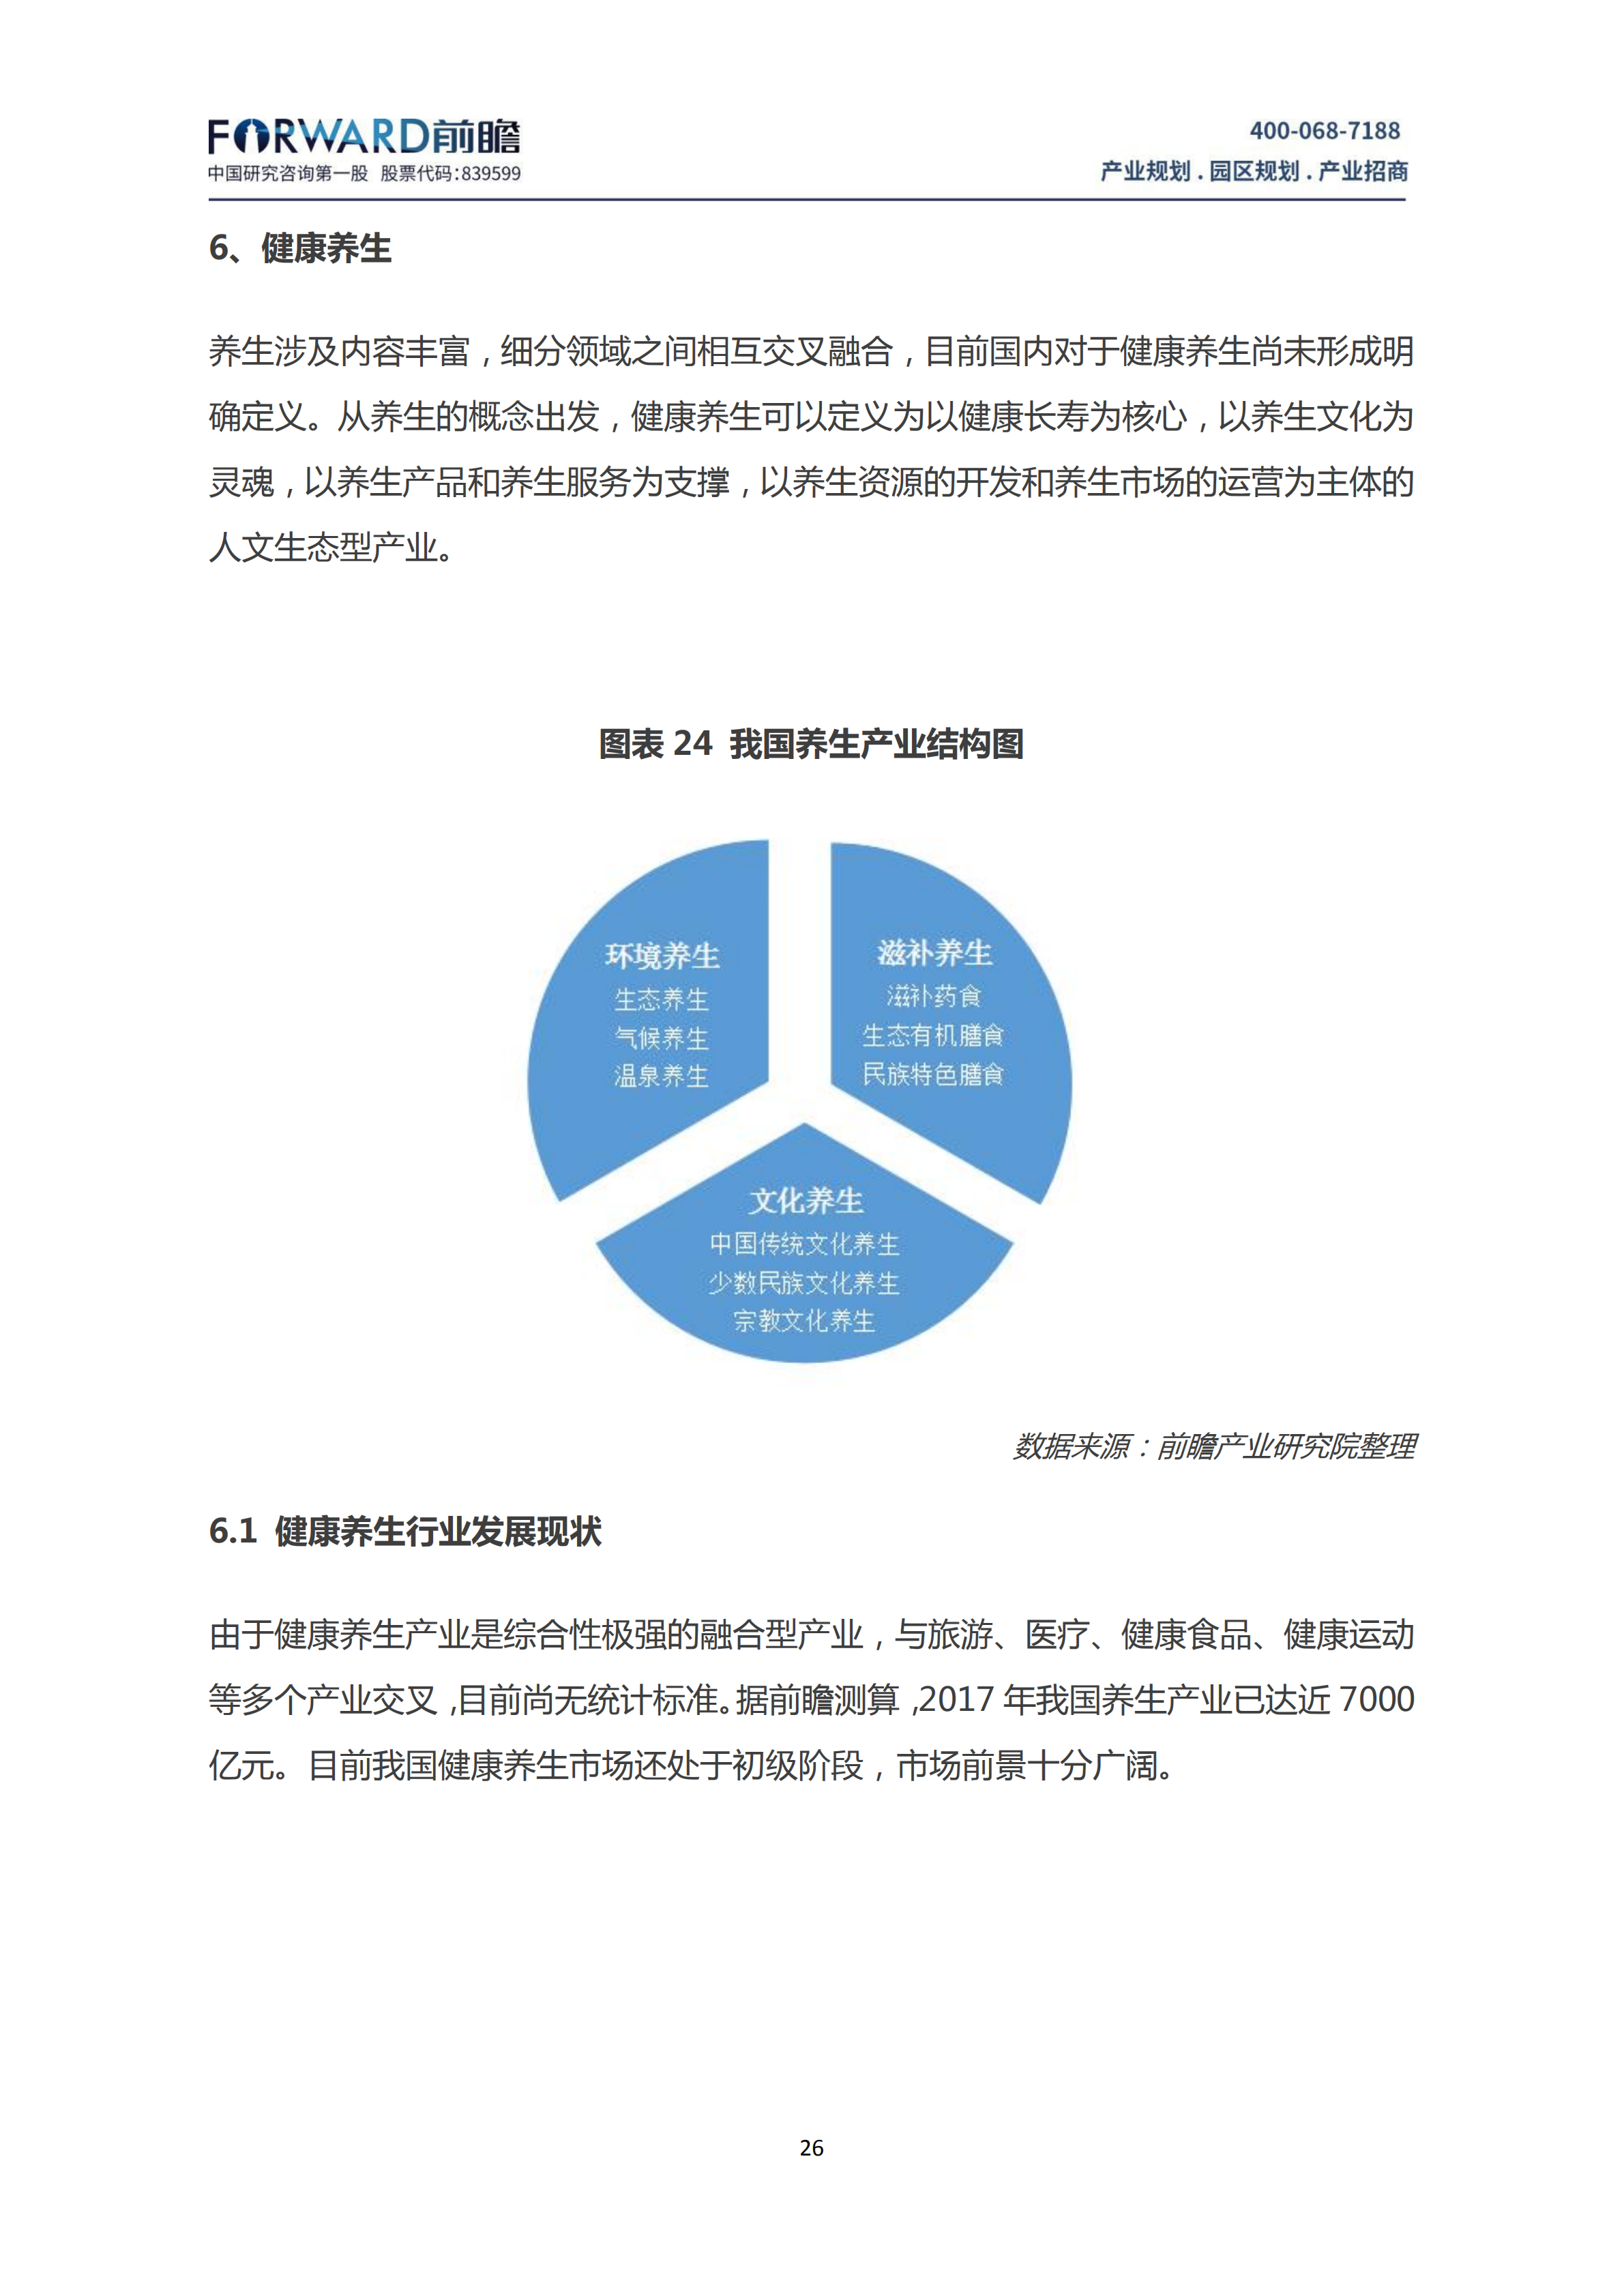 中国大健康产业发展现状及趋势分析_27.png